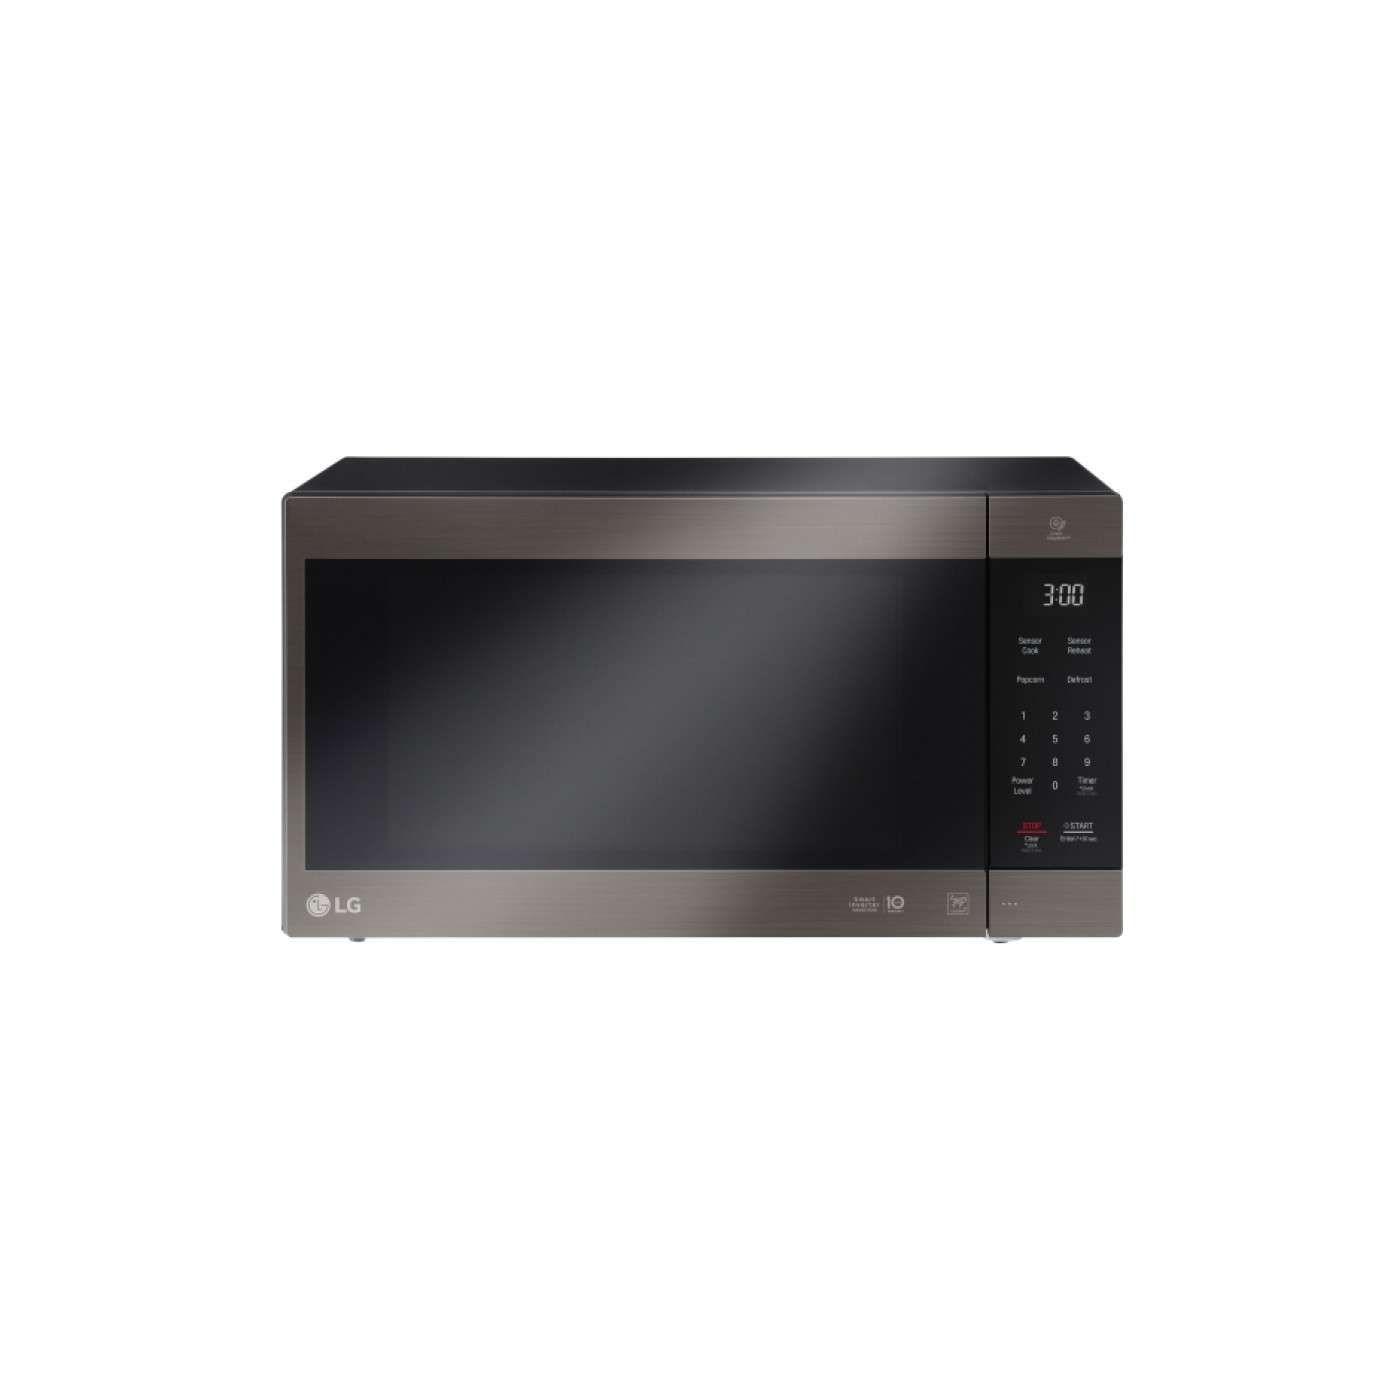 Lmc2075bd By Lg Countertop Microwaves Goedekers Com